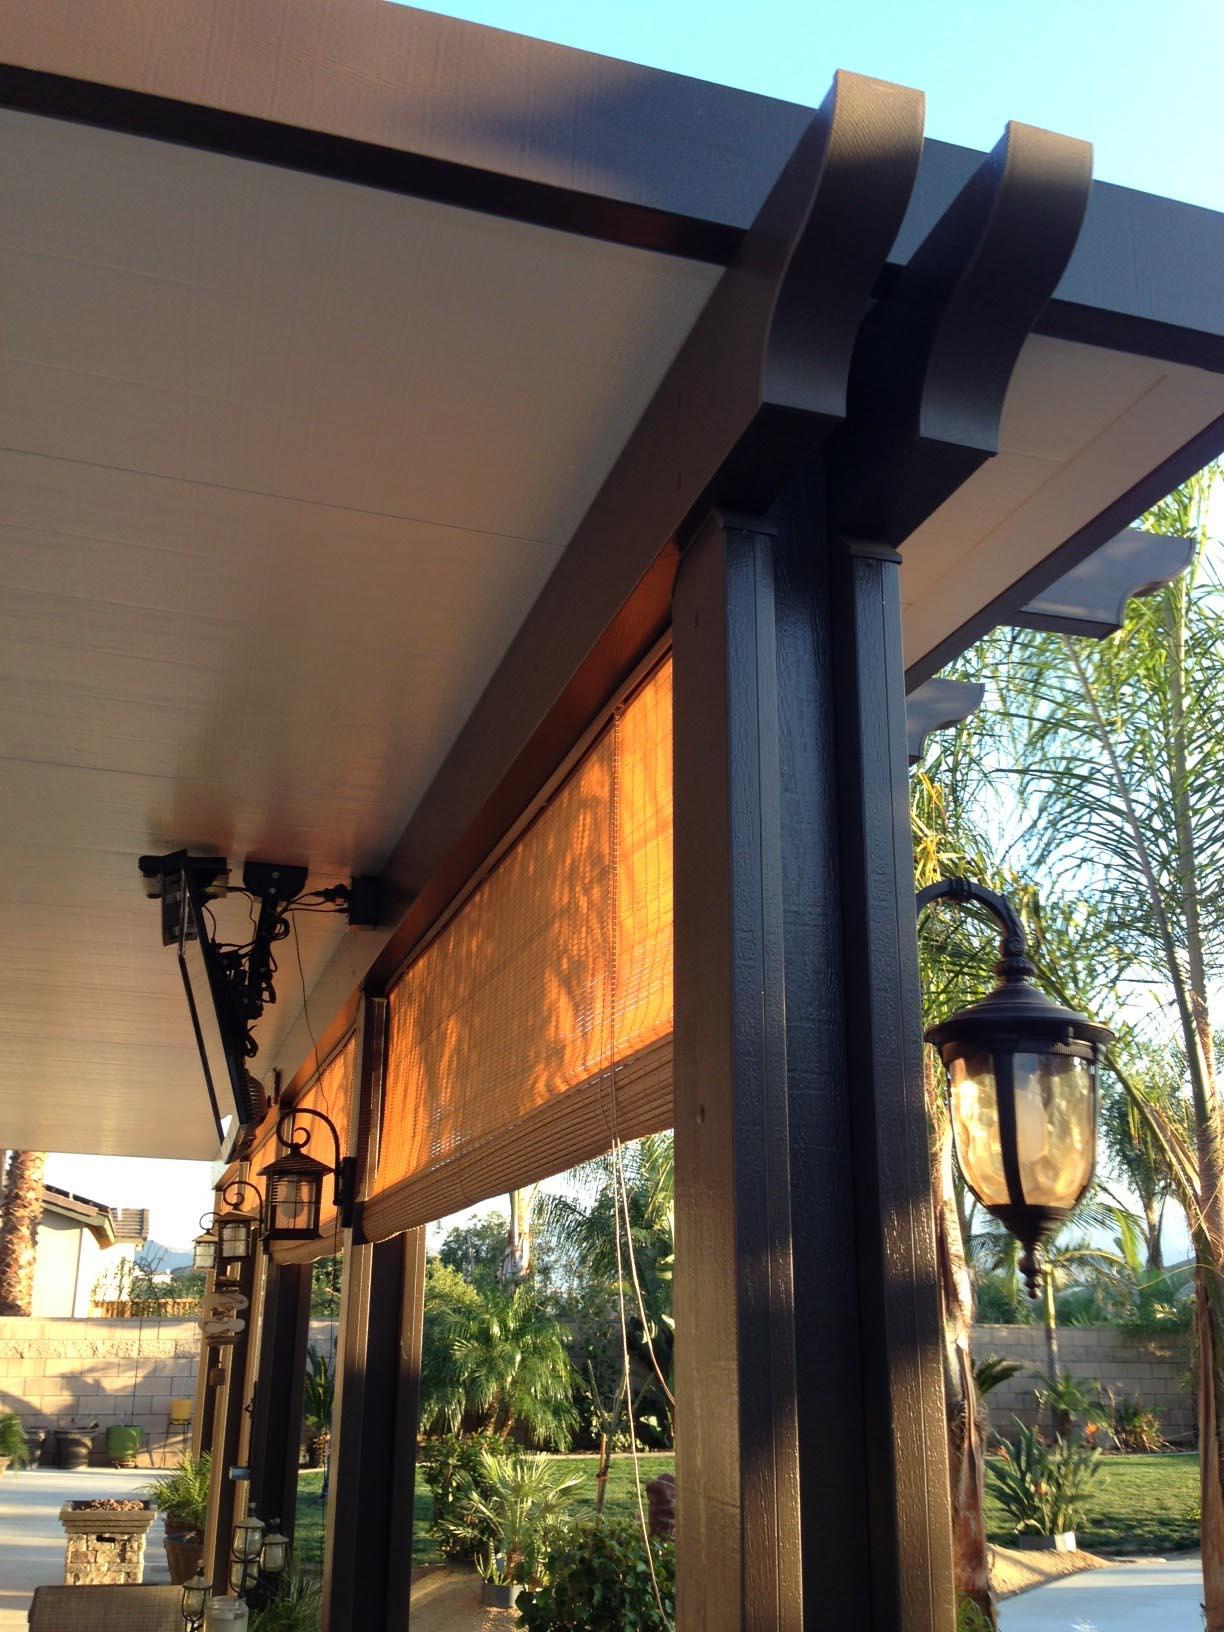 pergola aluminum patio covers pergola design ideas. Black Bedroom Furniture Sets. Home Design Ideas